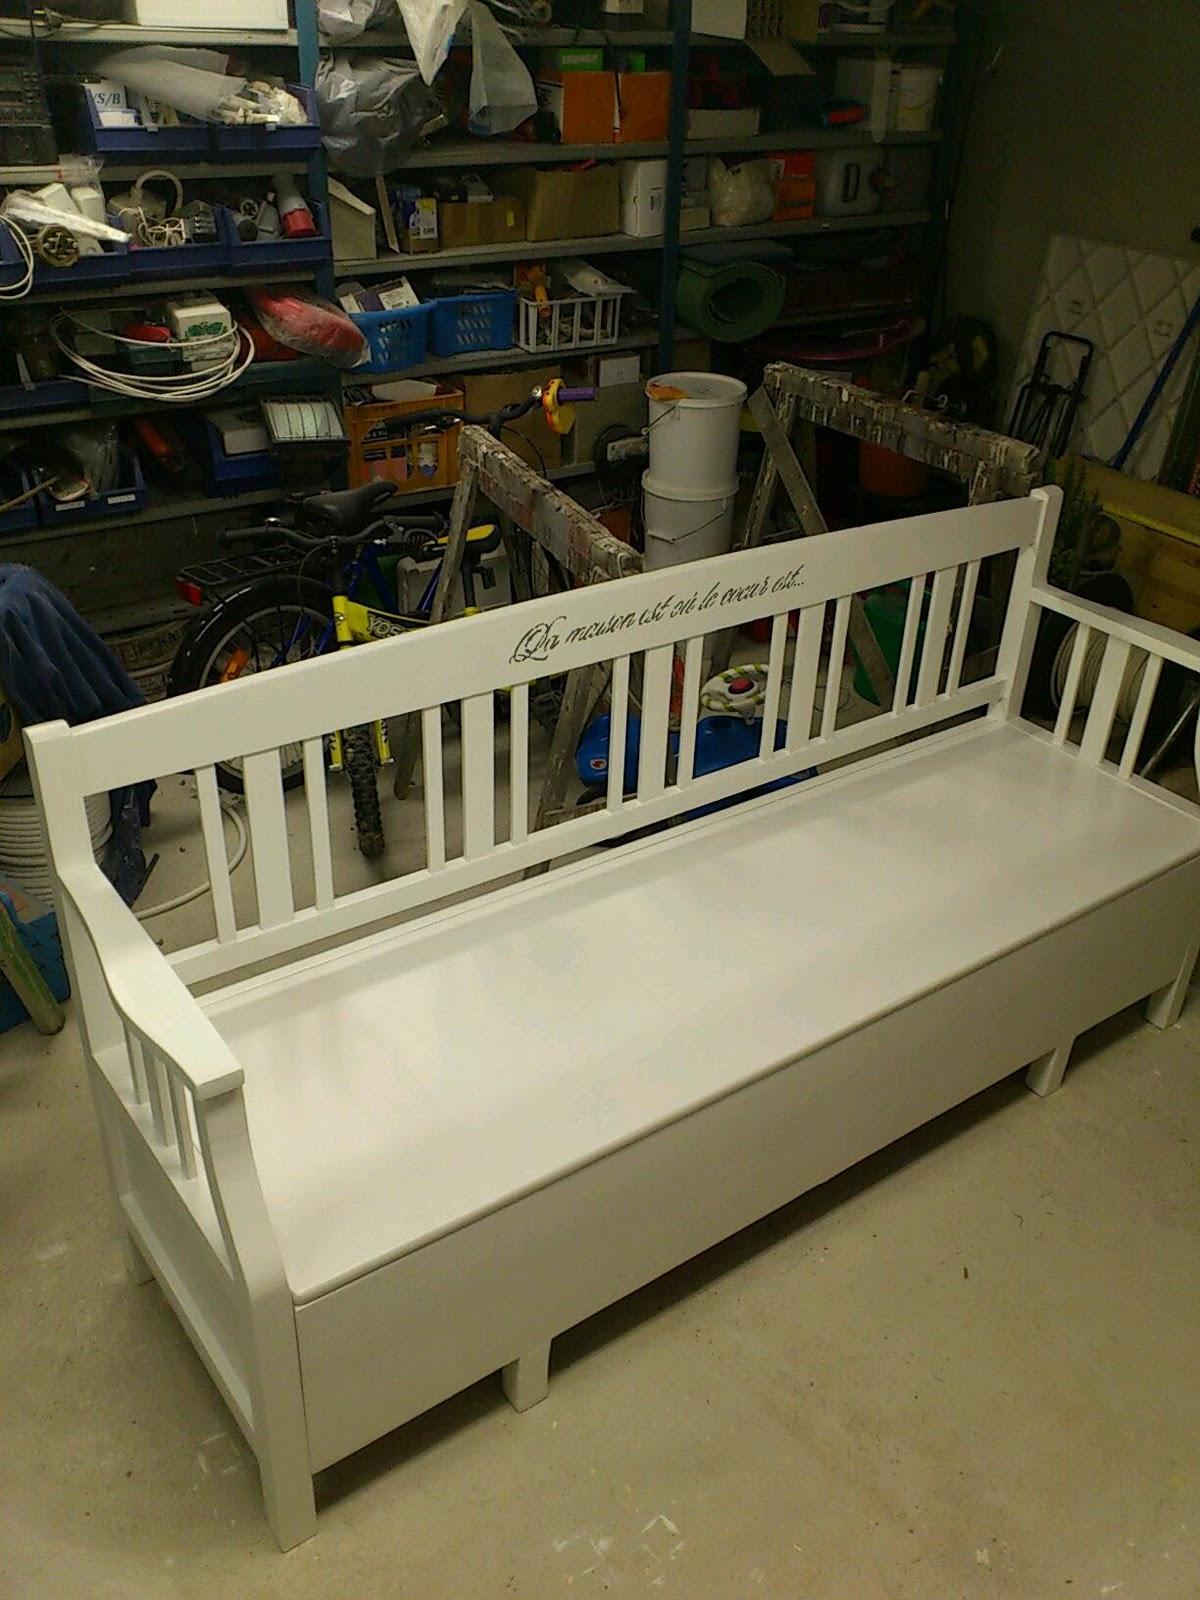 Gammalt Koksbord Till Salu : Maria, livet & gamla grejer Mobler till salu